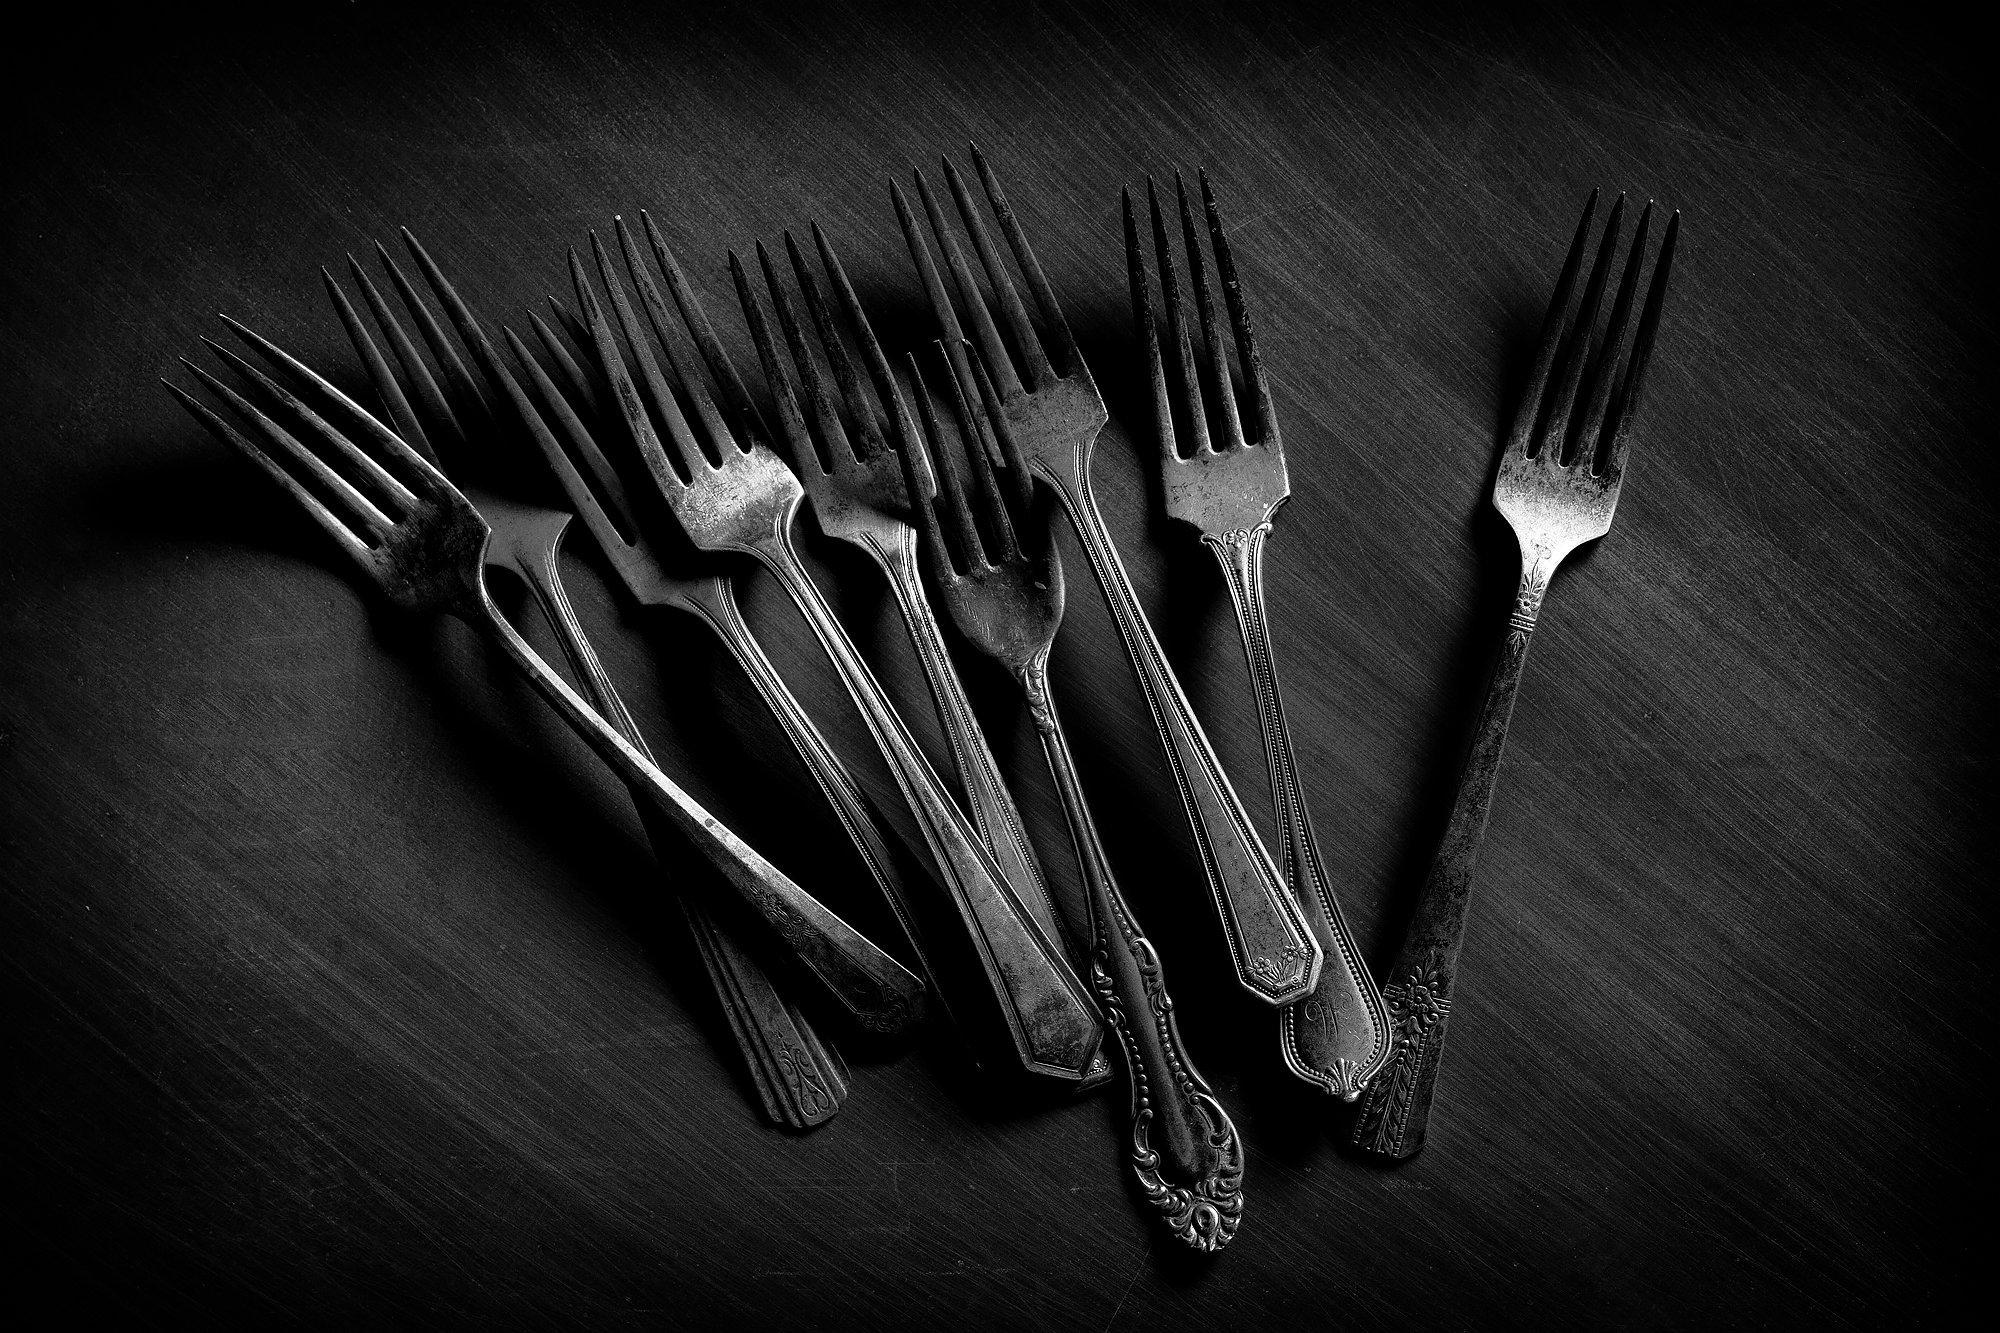 Forks_007.jpg